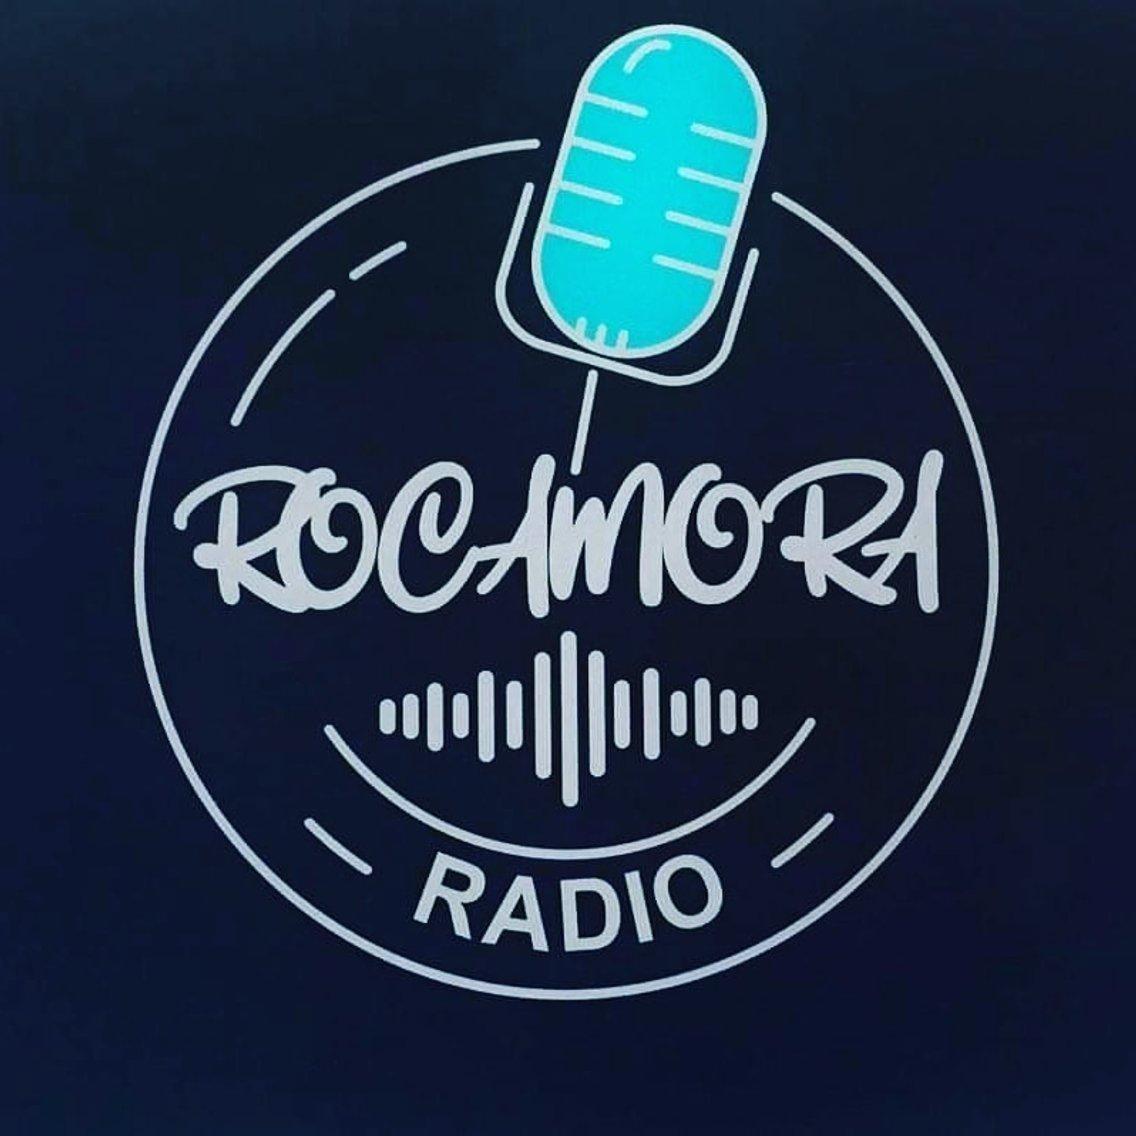 Radio Rocamora - immagine di copertina